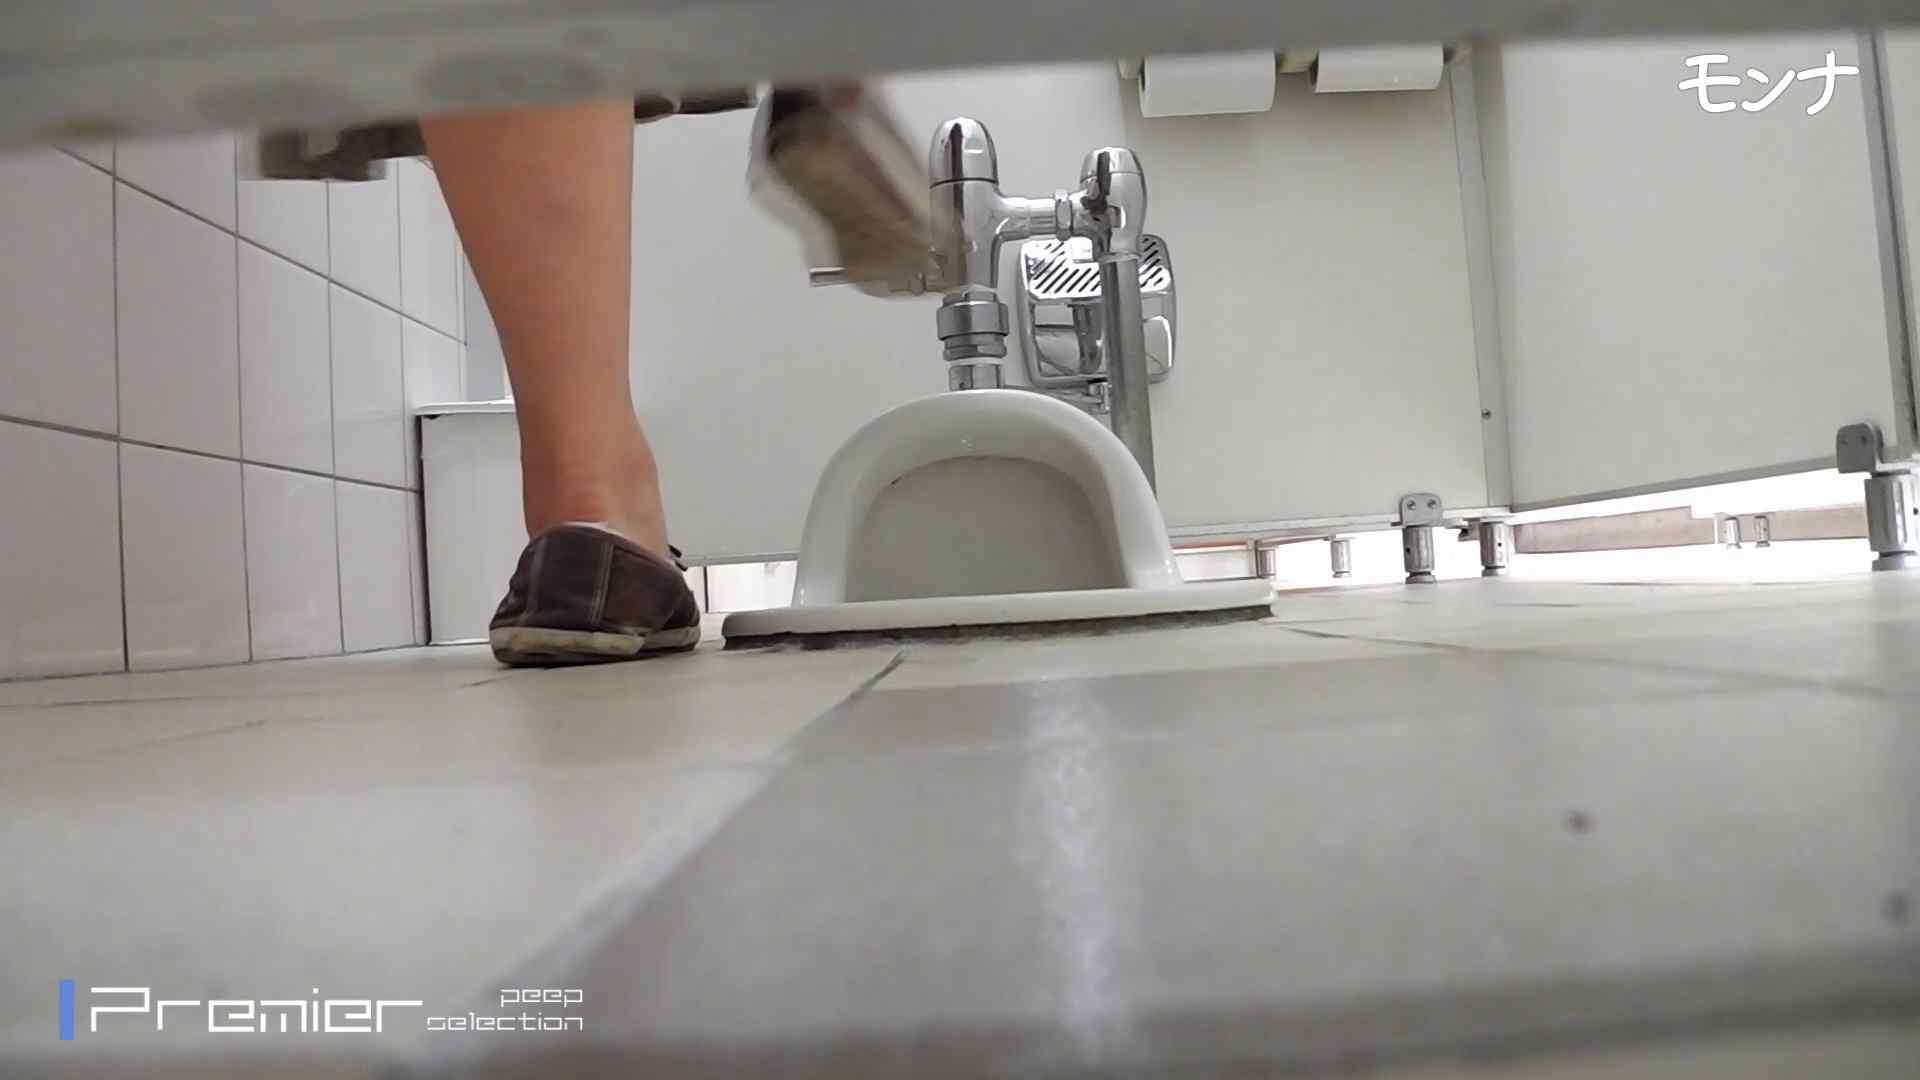 美しい日本の未来 No.84この美脚と距離感 ギャルの実態 隠し撮りセックス画像 73pic 26